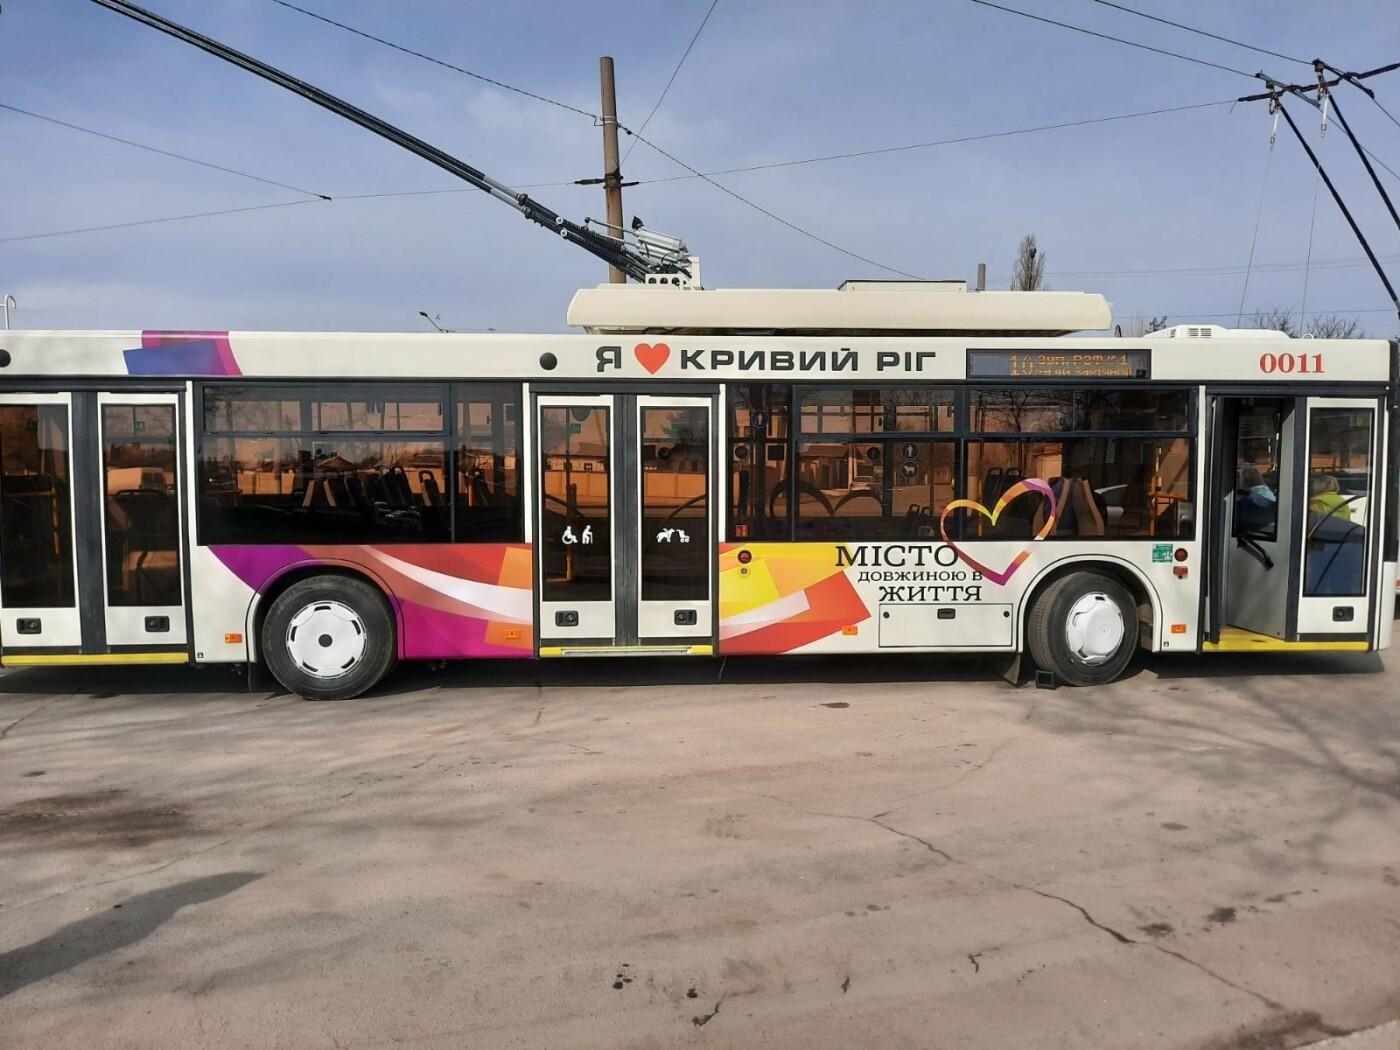 На один из маршрутов Кривого Рога вышли 6 новых троллейбусов, - ФОТО, фото-6